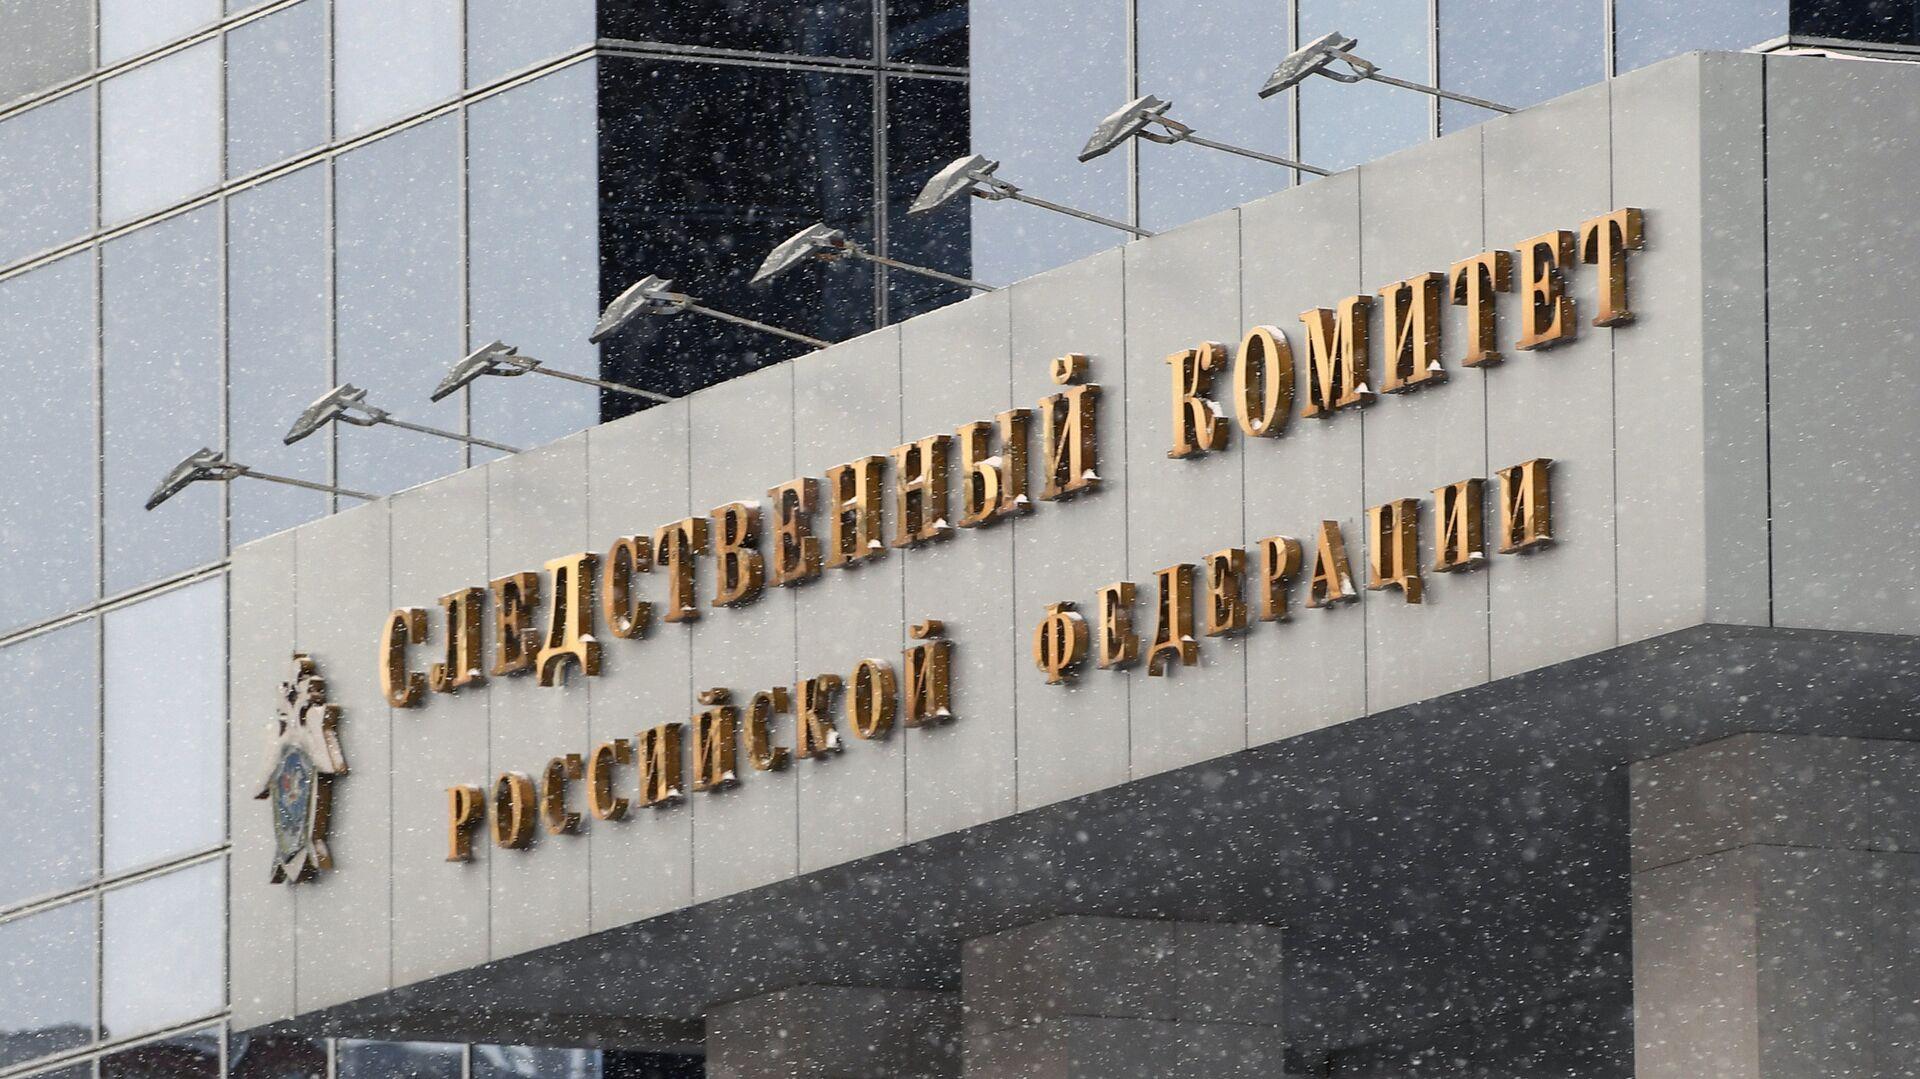 Следственный комитет РФ - РИА Новости, 1920, 16.09.2020